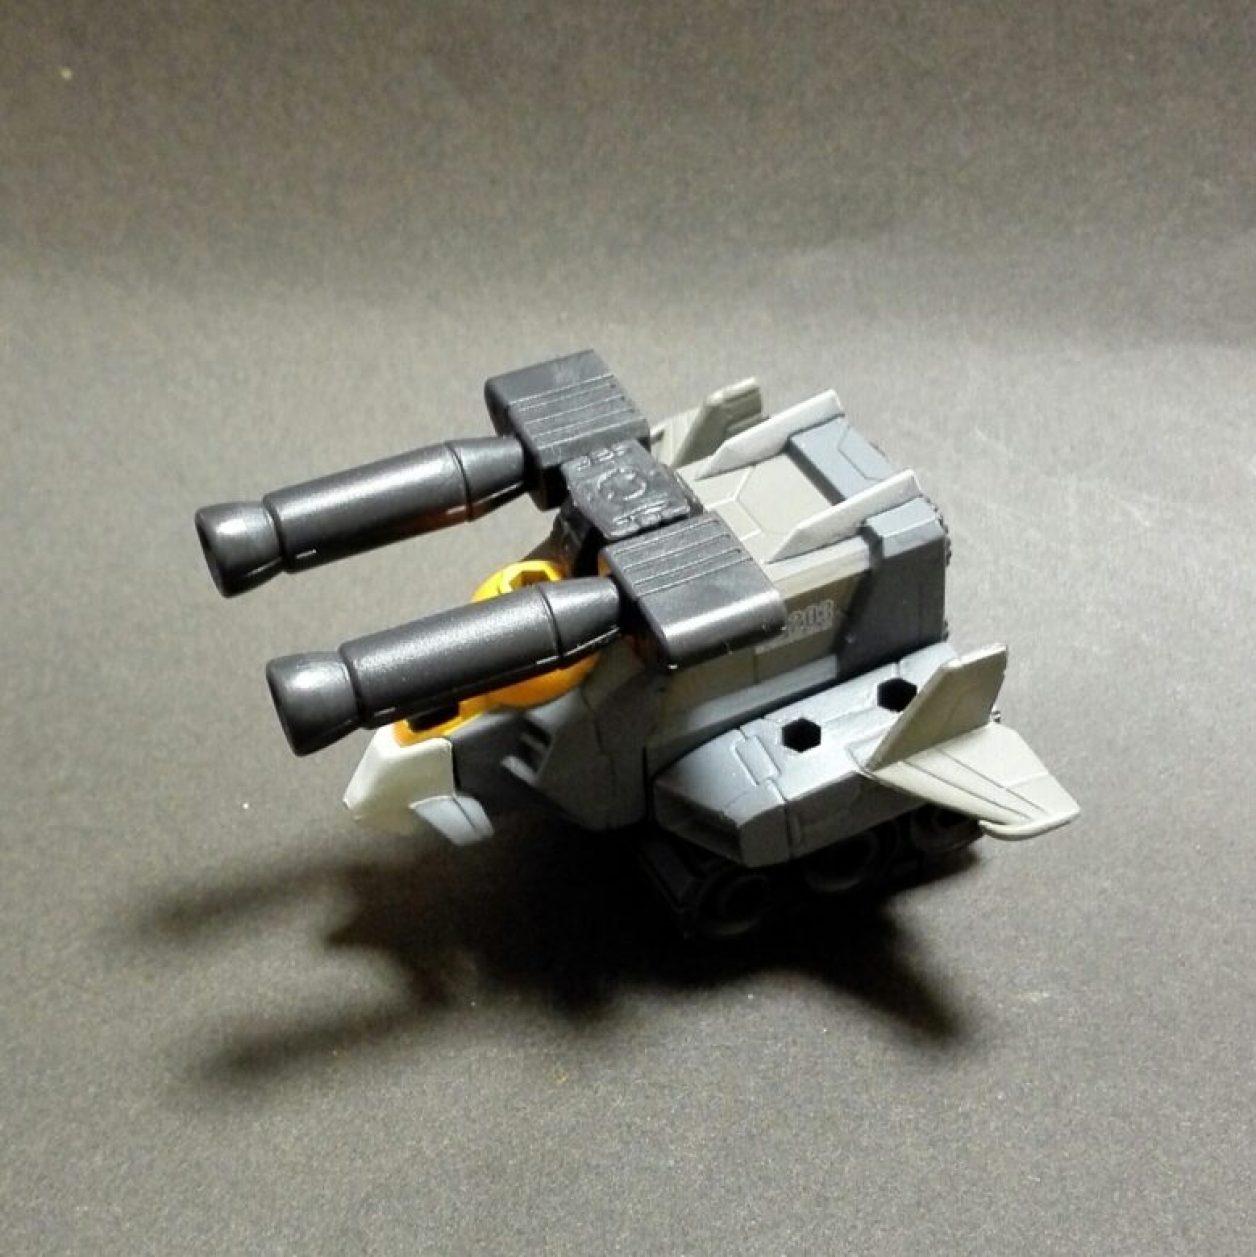 MOBILE SUIT ENSEMBLE(モビルスーツアンサンブル)1.5弾のGファイター(G3)の組立て後の画像